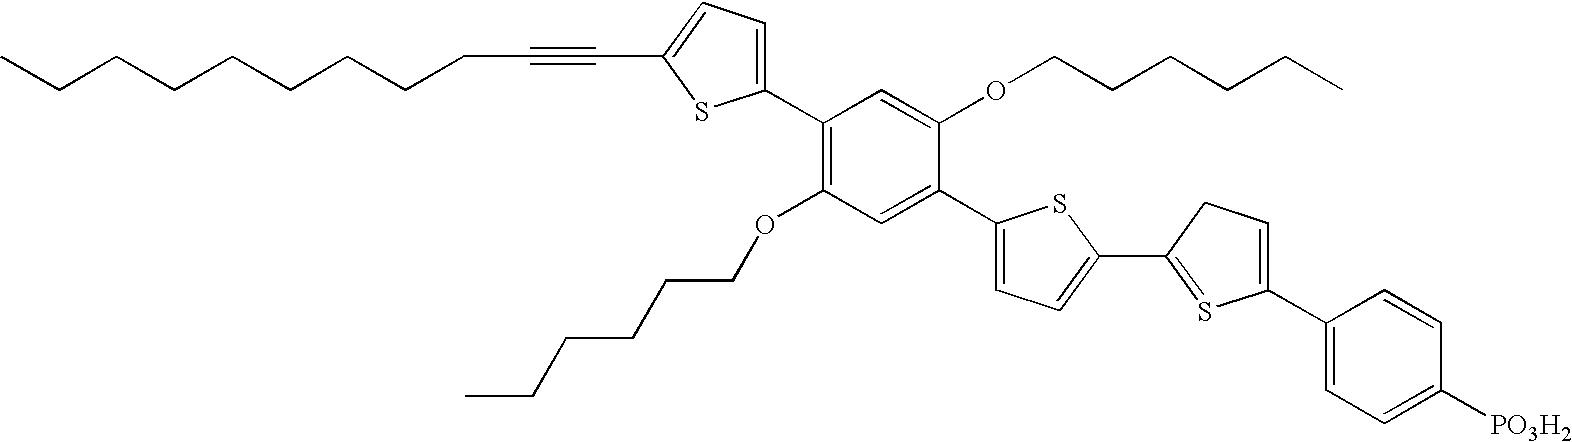 Figure US07438833-20081021-C00002